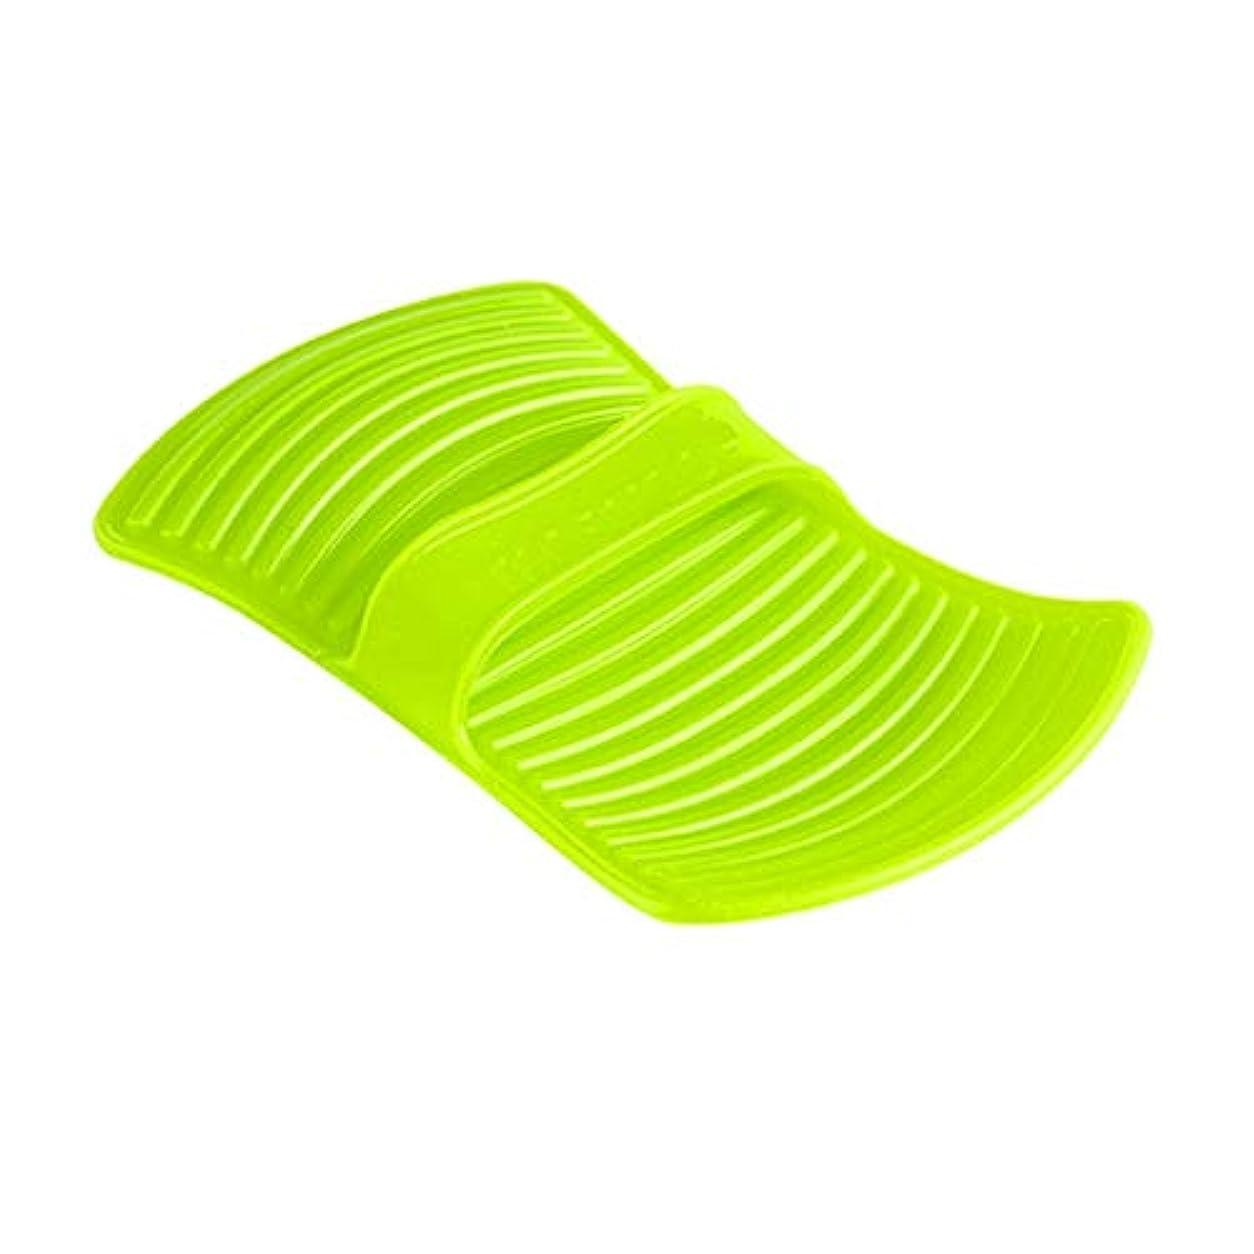 治世地図の頭の上LIUXIN シリコーン断熱材不凍液手袋高温焼け防止手袋家庭用ベーキング手袋滑り止め11.7 * 20.5センチグリーン×1 ゴム手袋